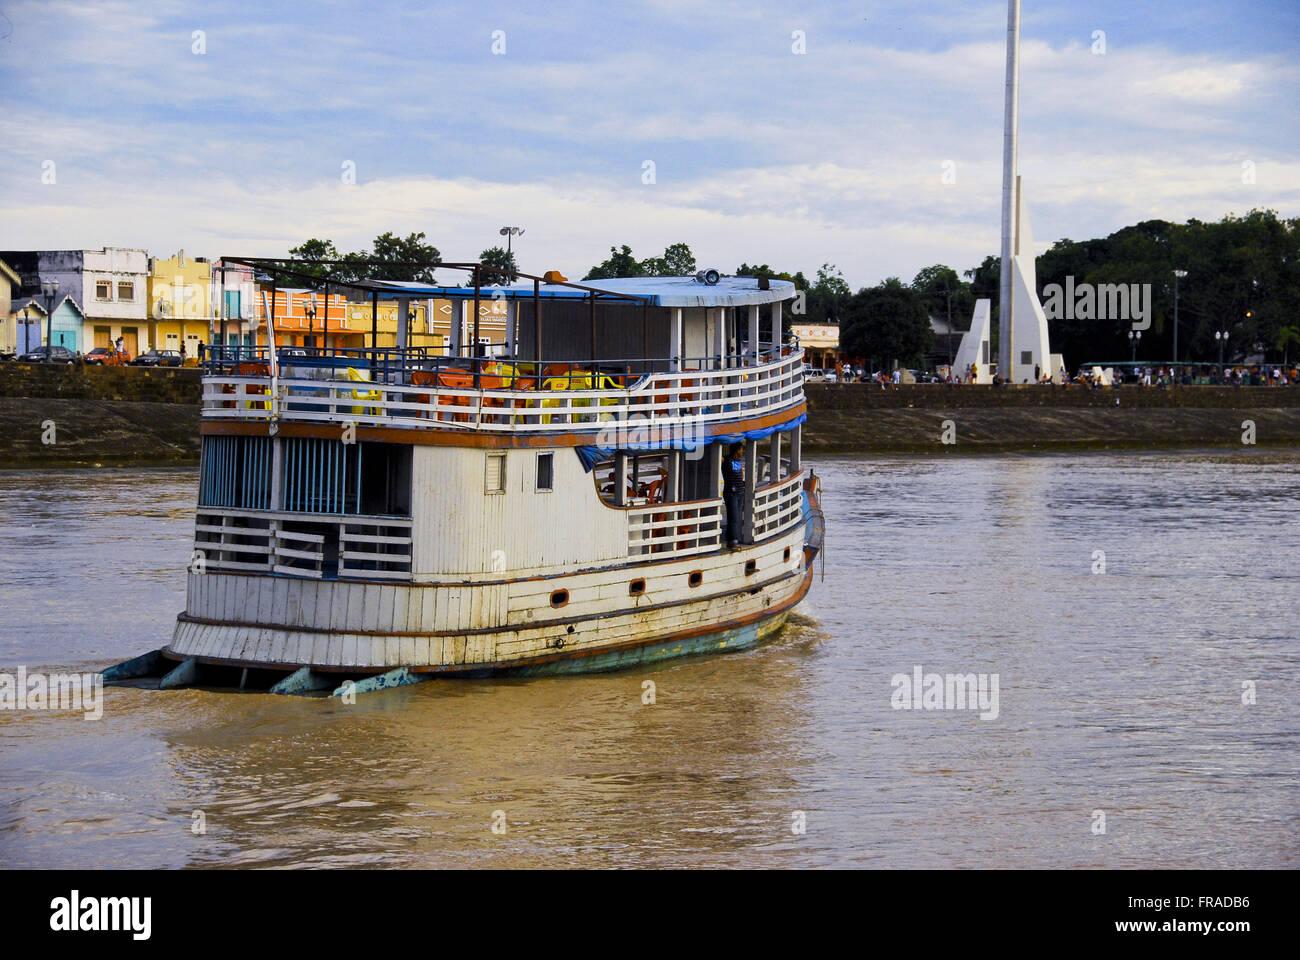 Bateau naviguant sur la rivière Acre Photo Stock